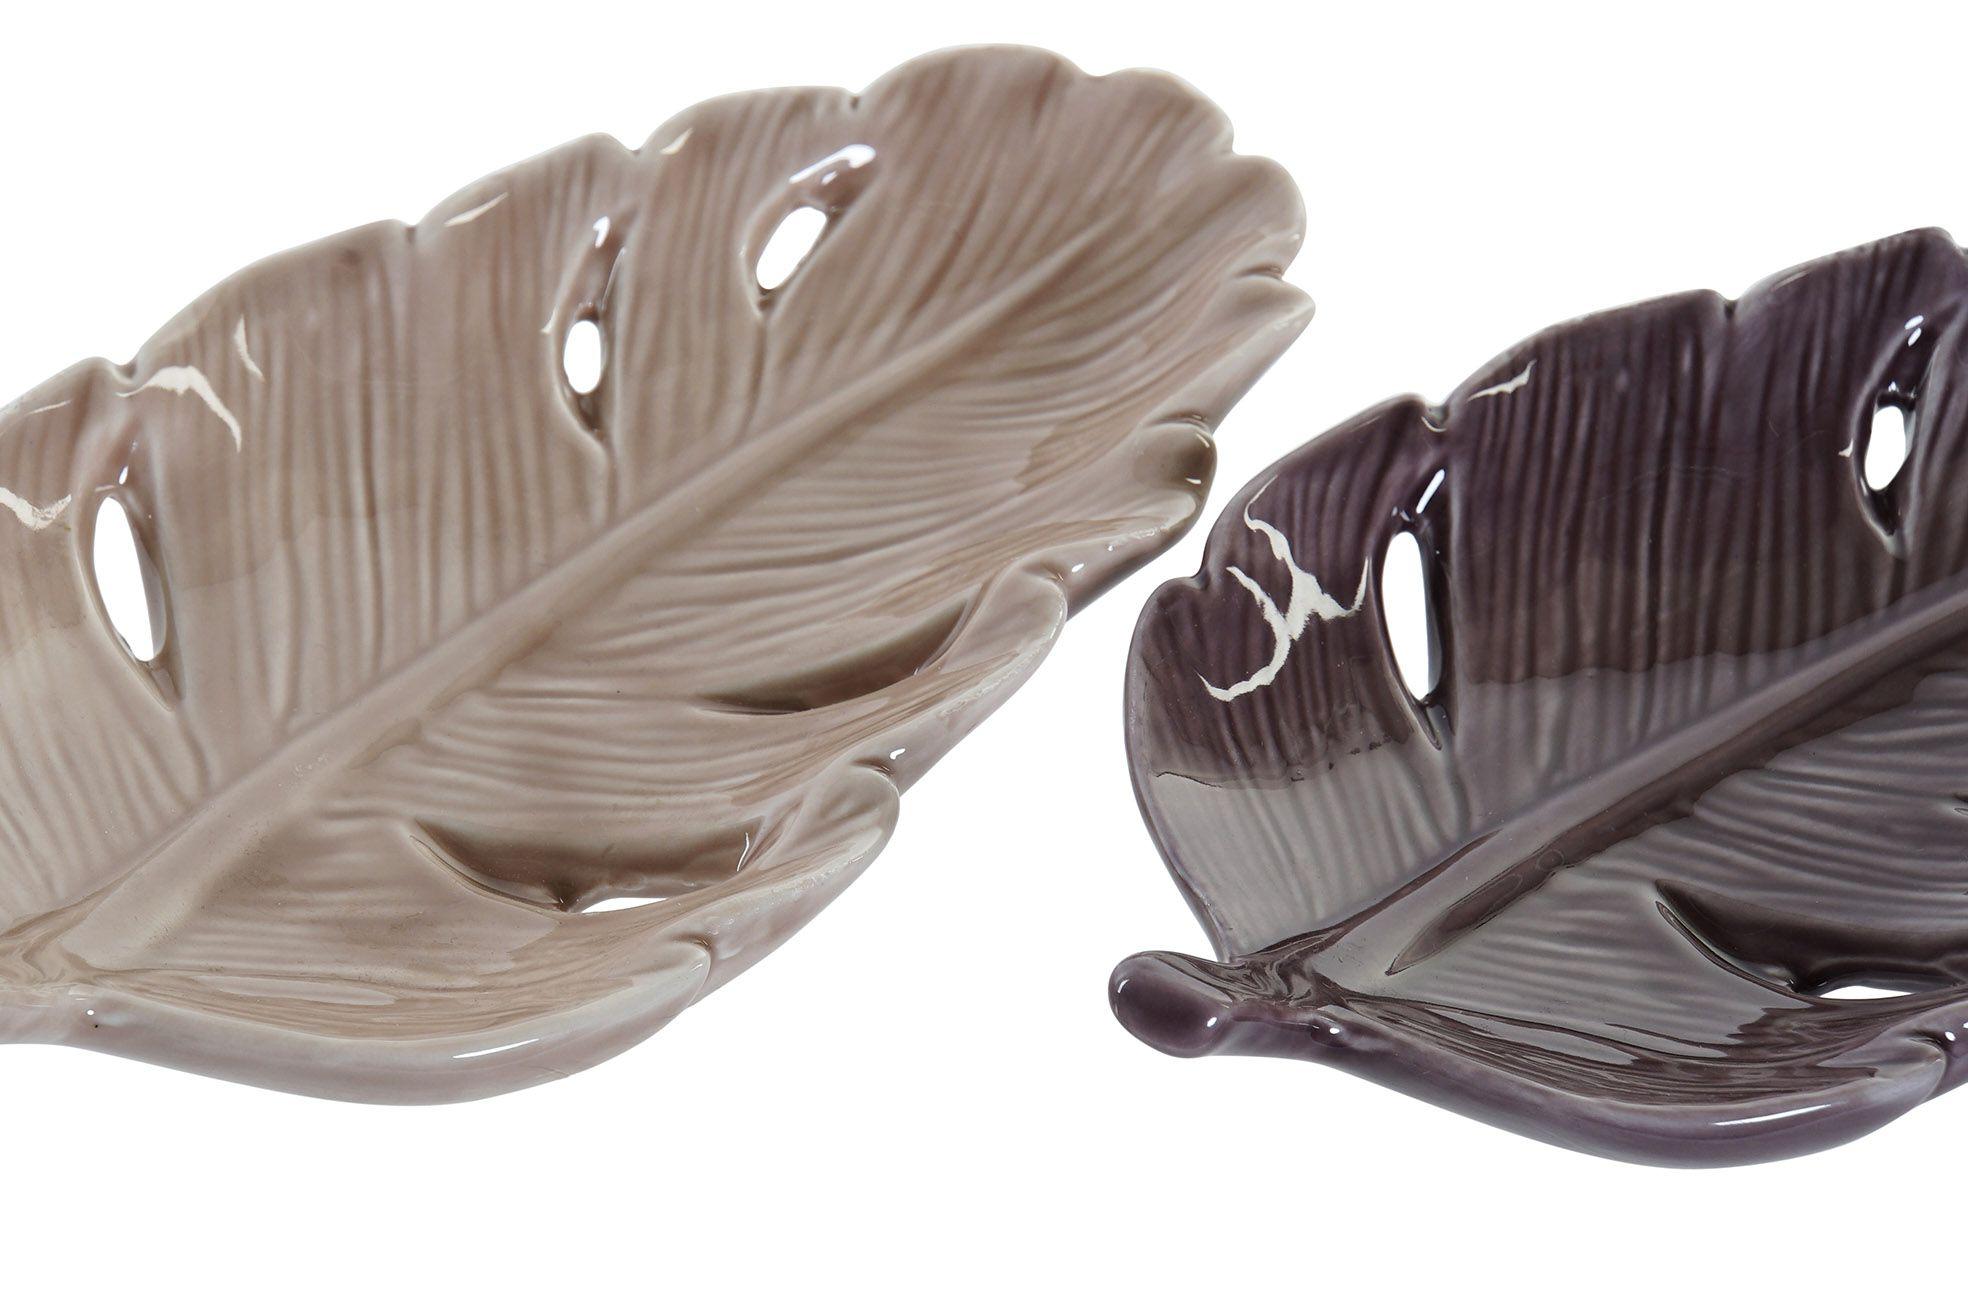 Fad i keramik 21x11x4 cm